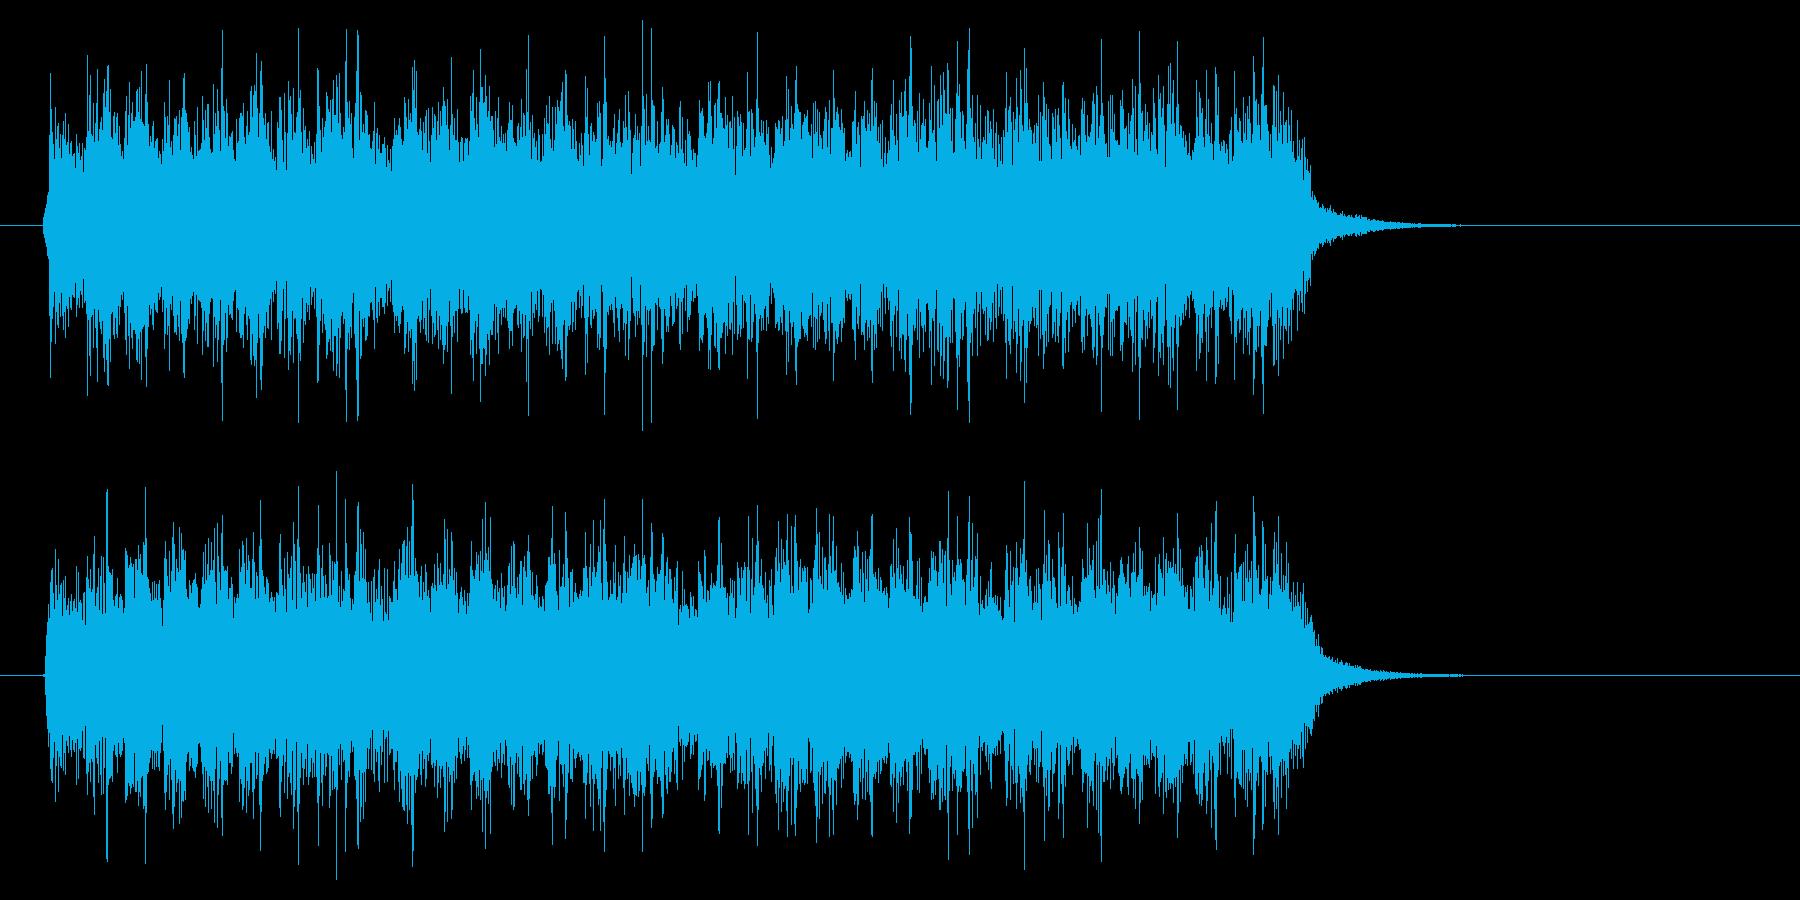 ジングル(ヘヴィメタ風)の再生済みの波形